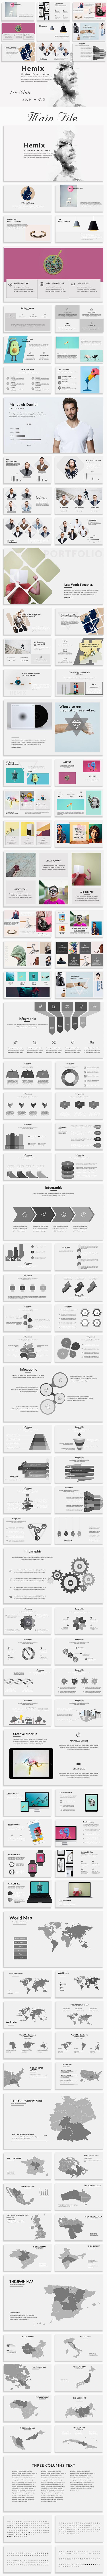 GraphicRiver Hemix Minimal Google Slide Template 20486973